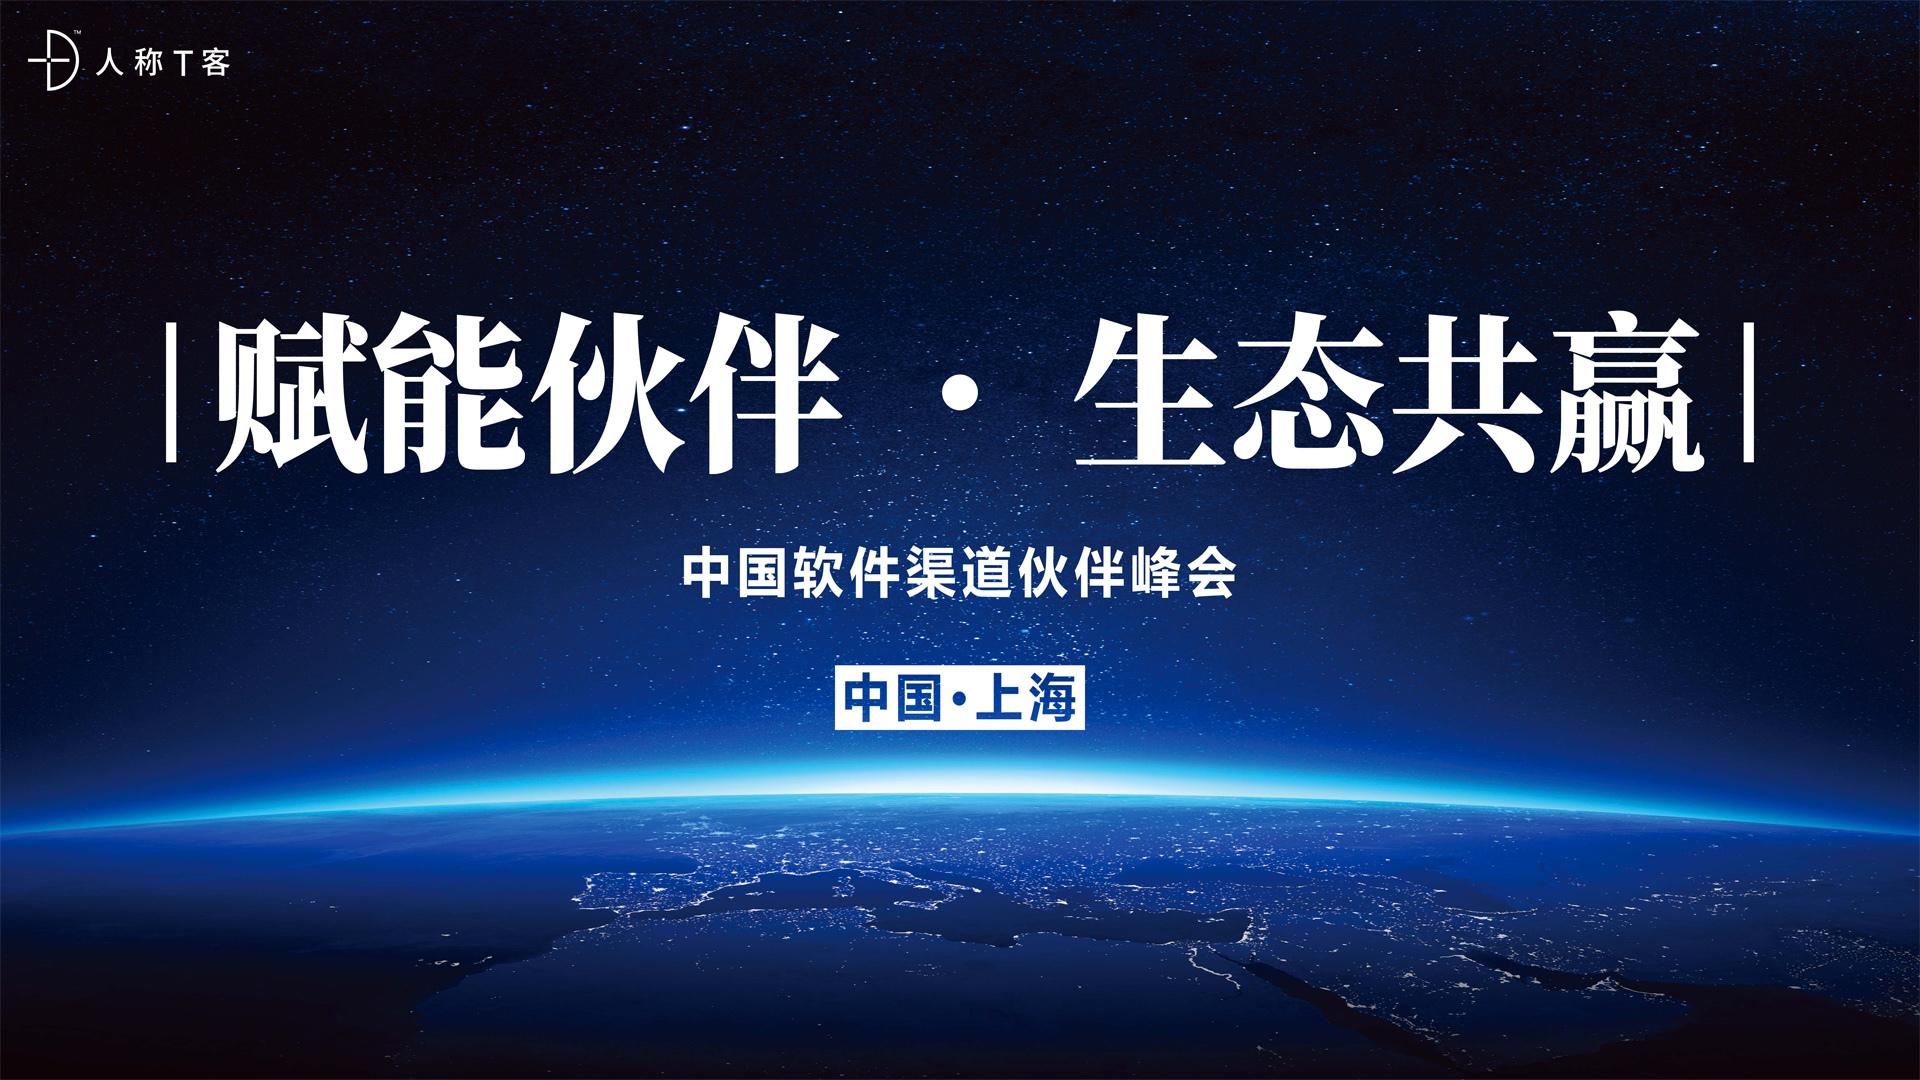 中国软件渠道伙伴大会——赋能伙伴·生态共赢